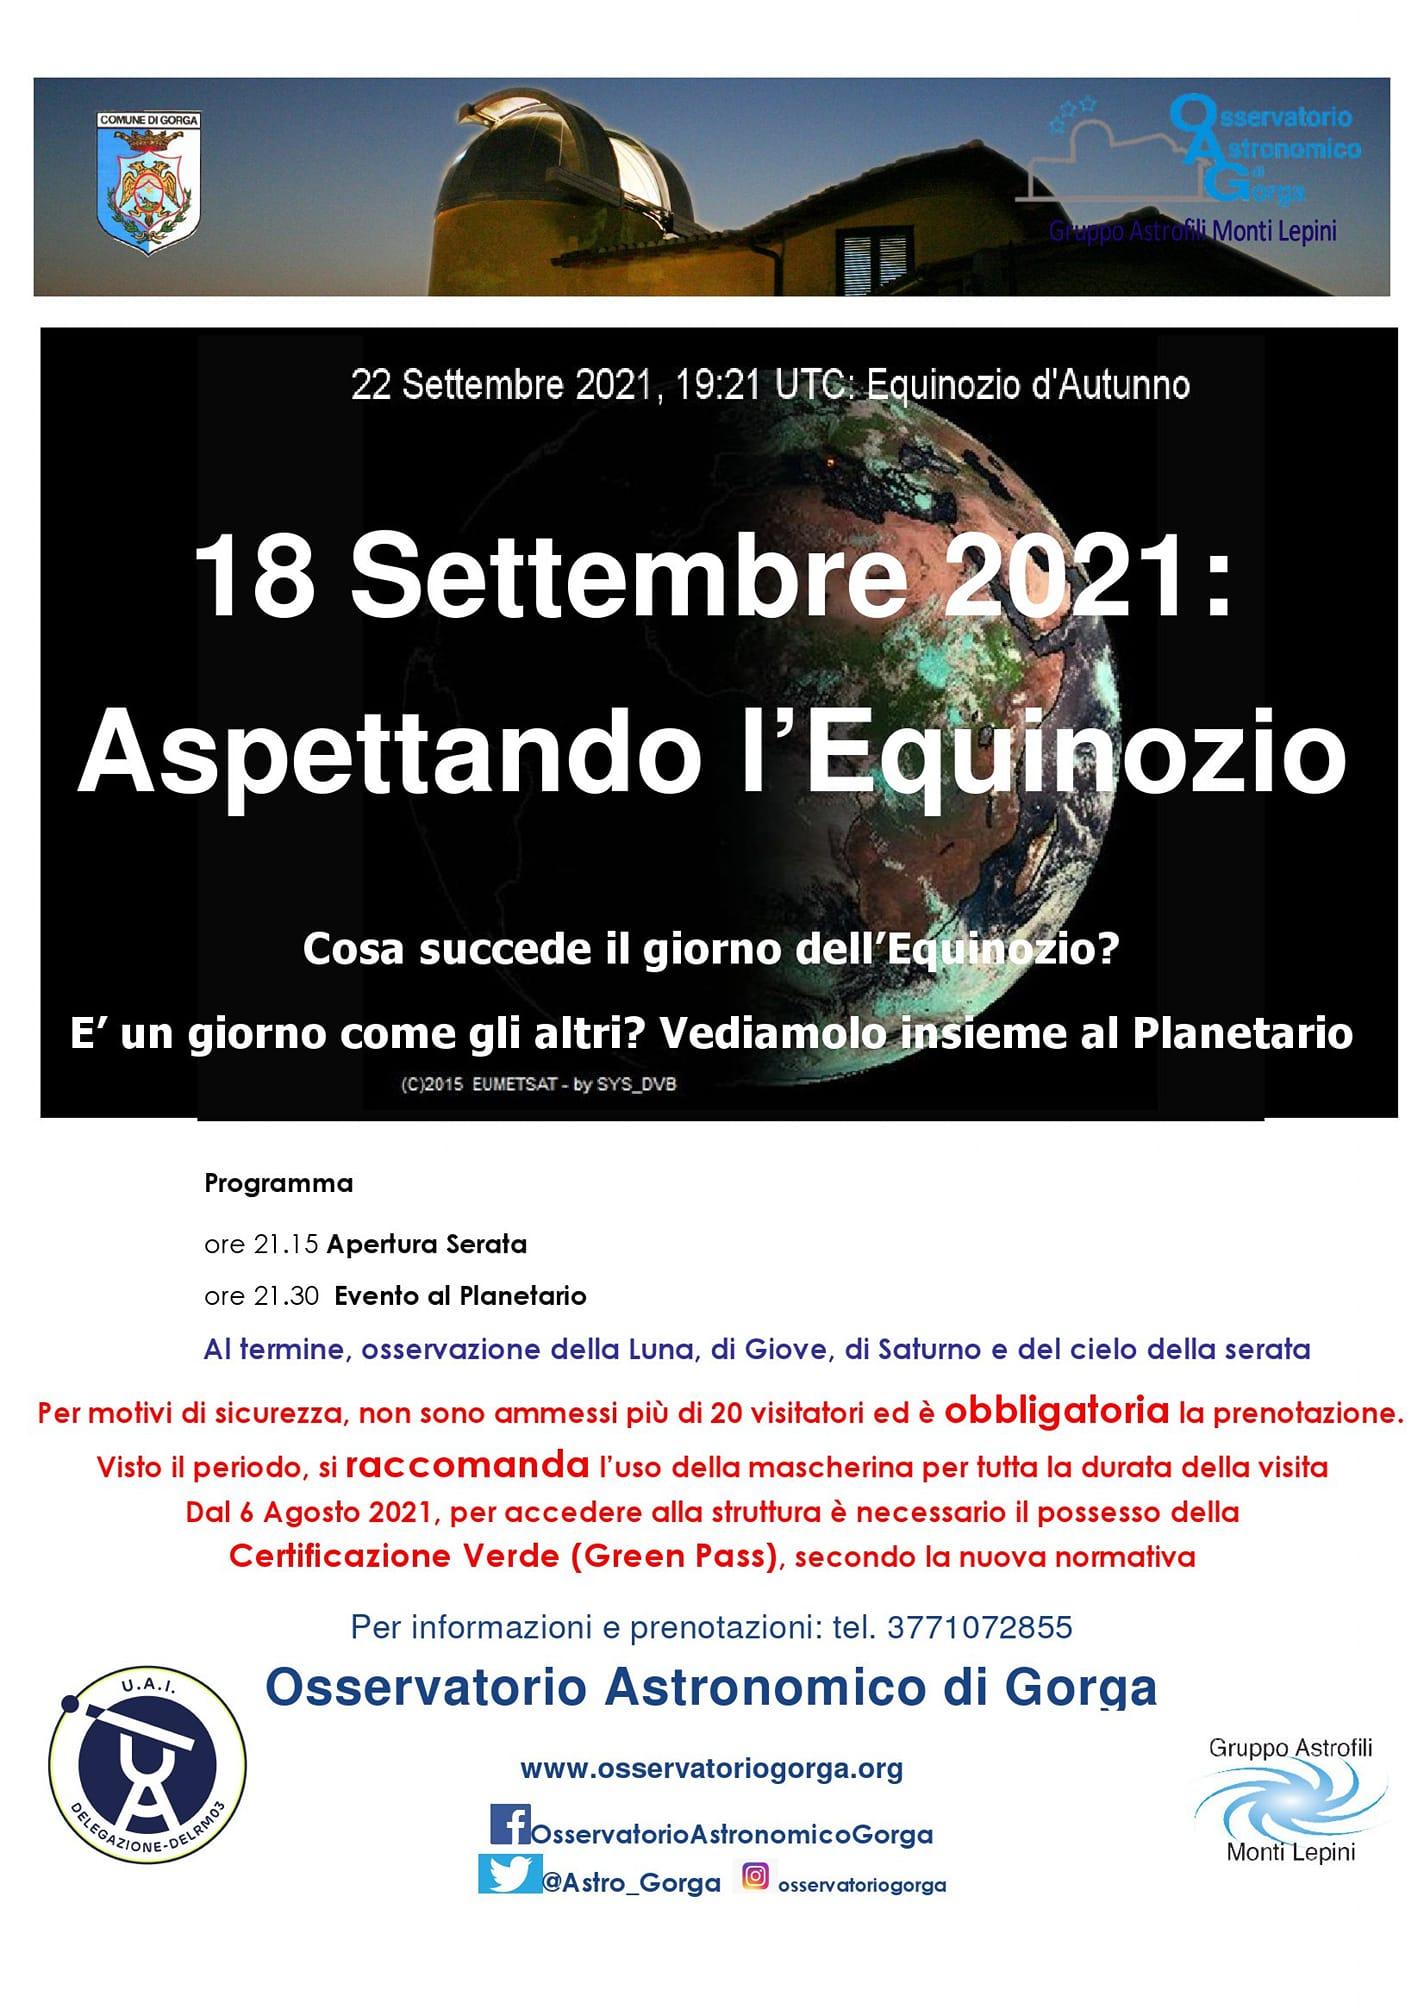 Gorga: Aspettando l'Equinozio @ Osservatorio Astronomico di Gorga